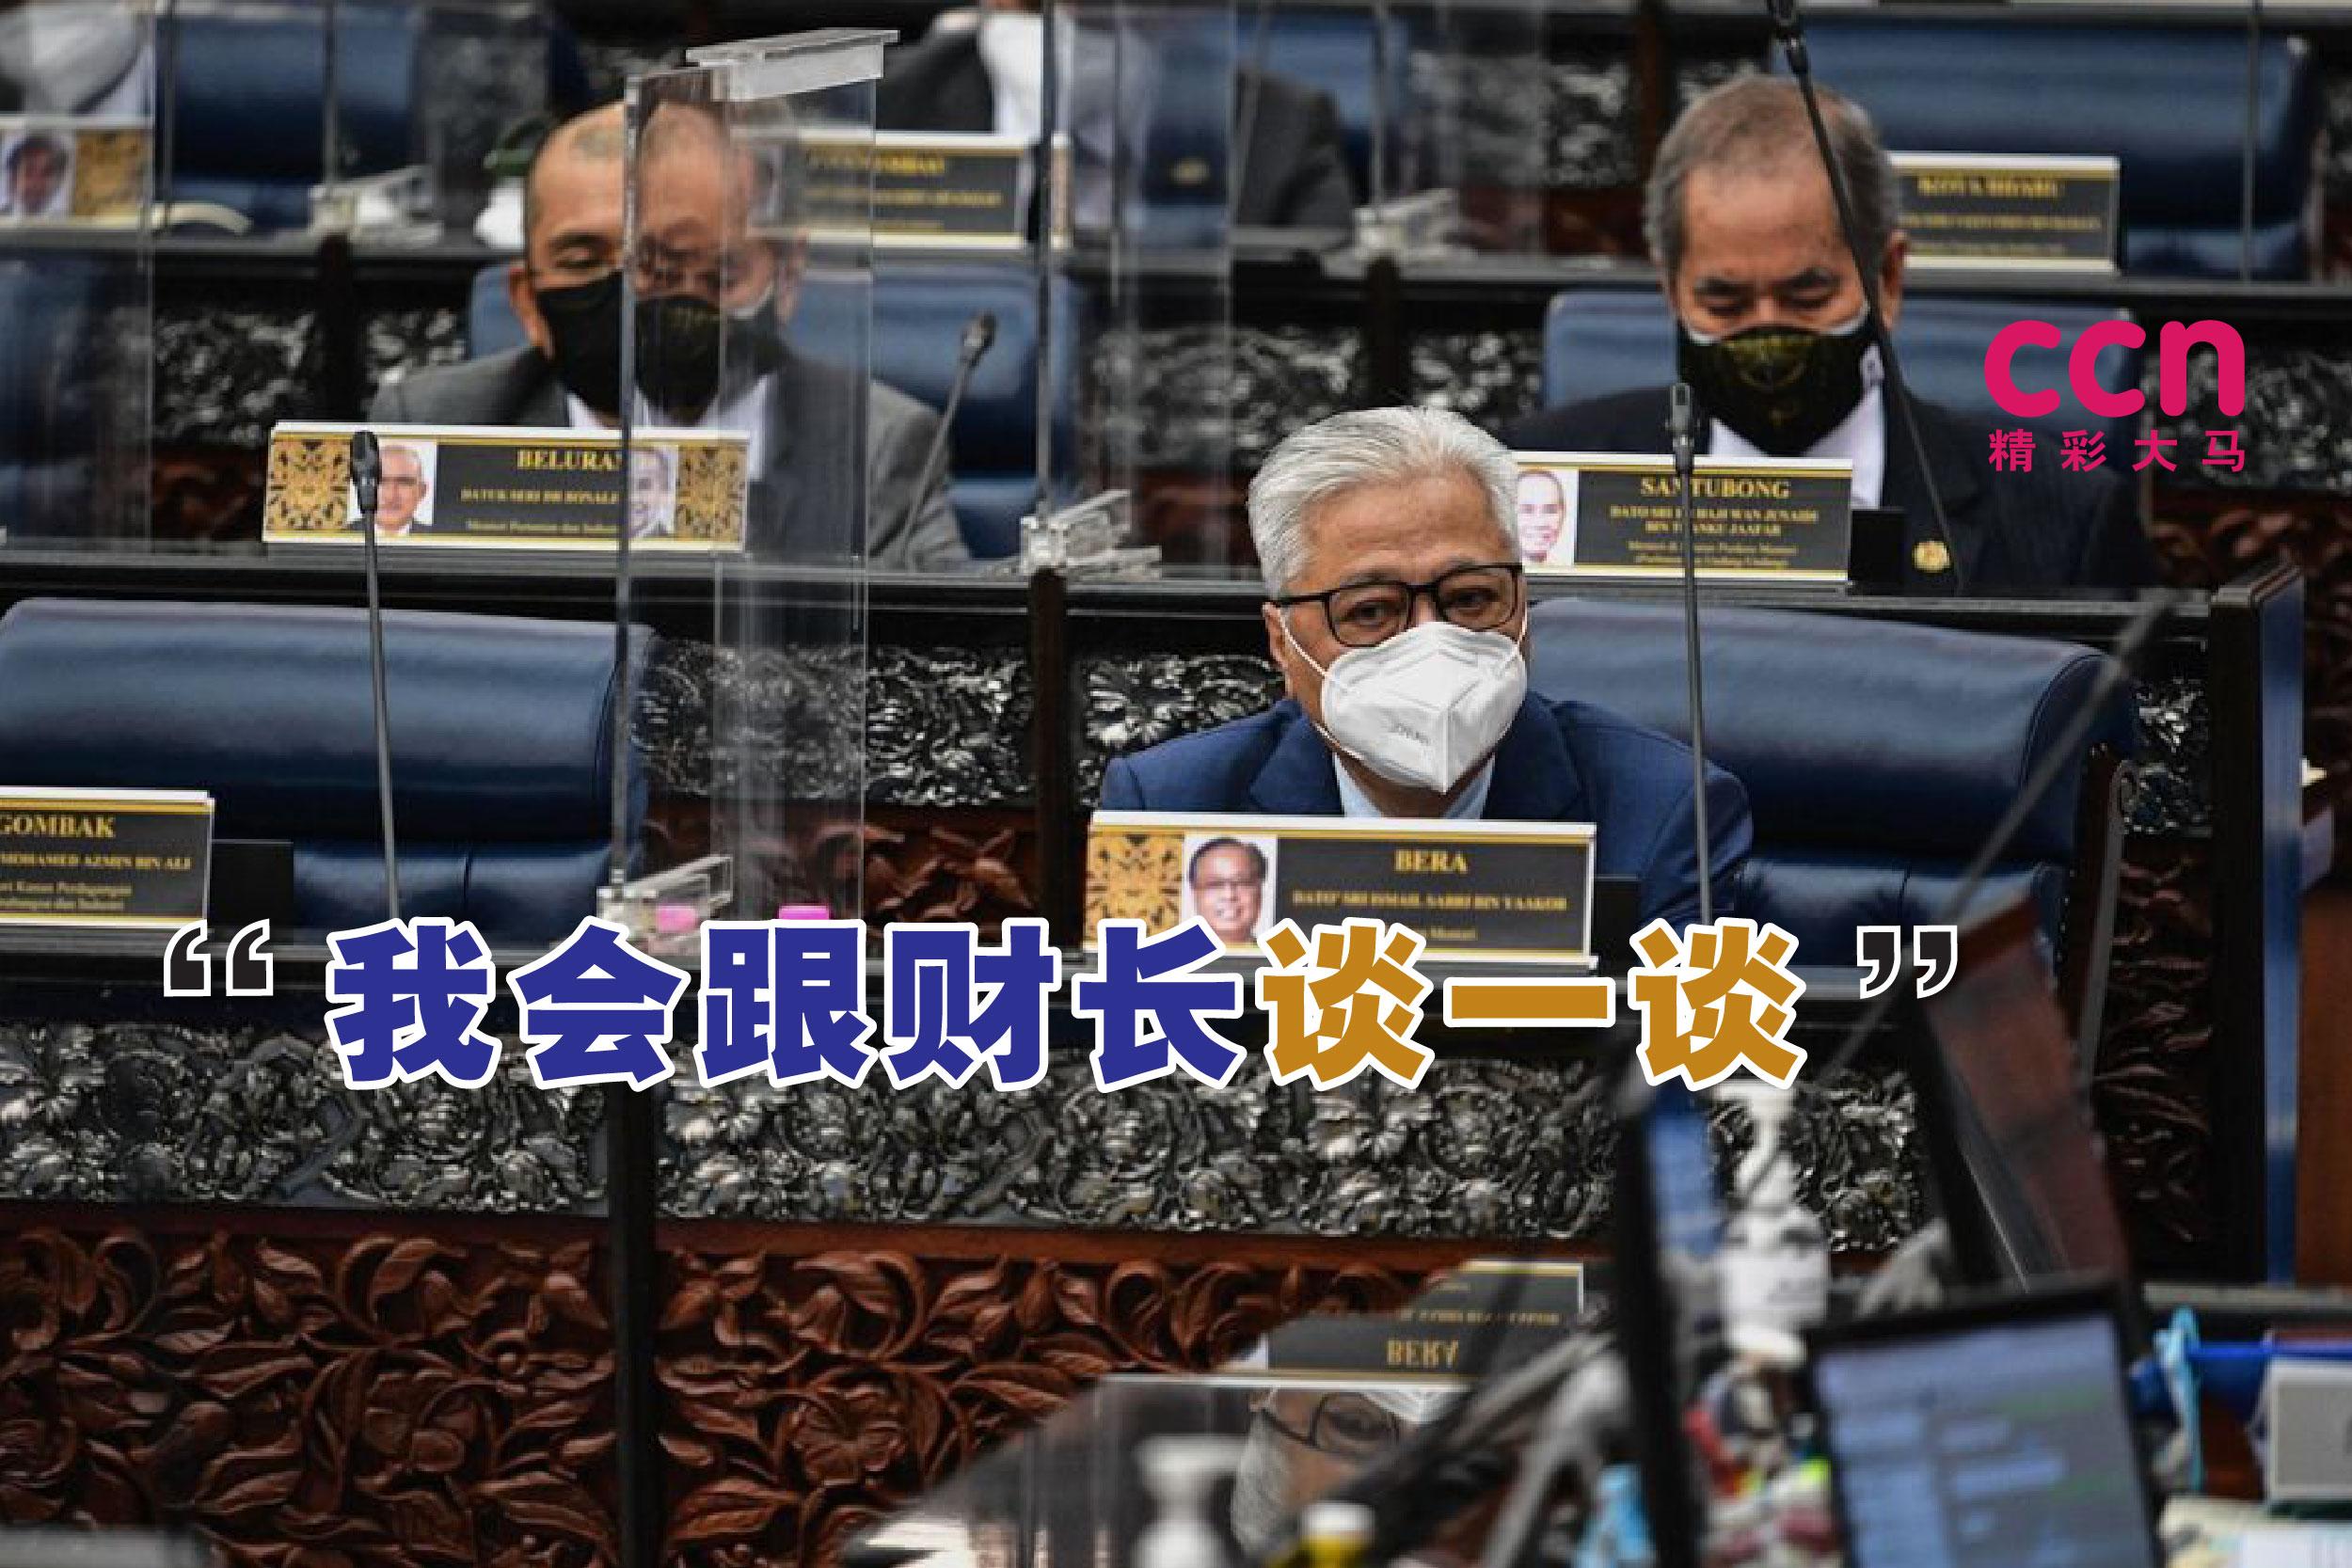 依斯迈沙比里说,他会跟财长东姑扎菲鲁讨论为暂缓还贷计划下的贷款人,豁免贷款的本金利息事宜。-精彩大马制图-